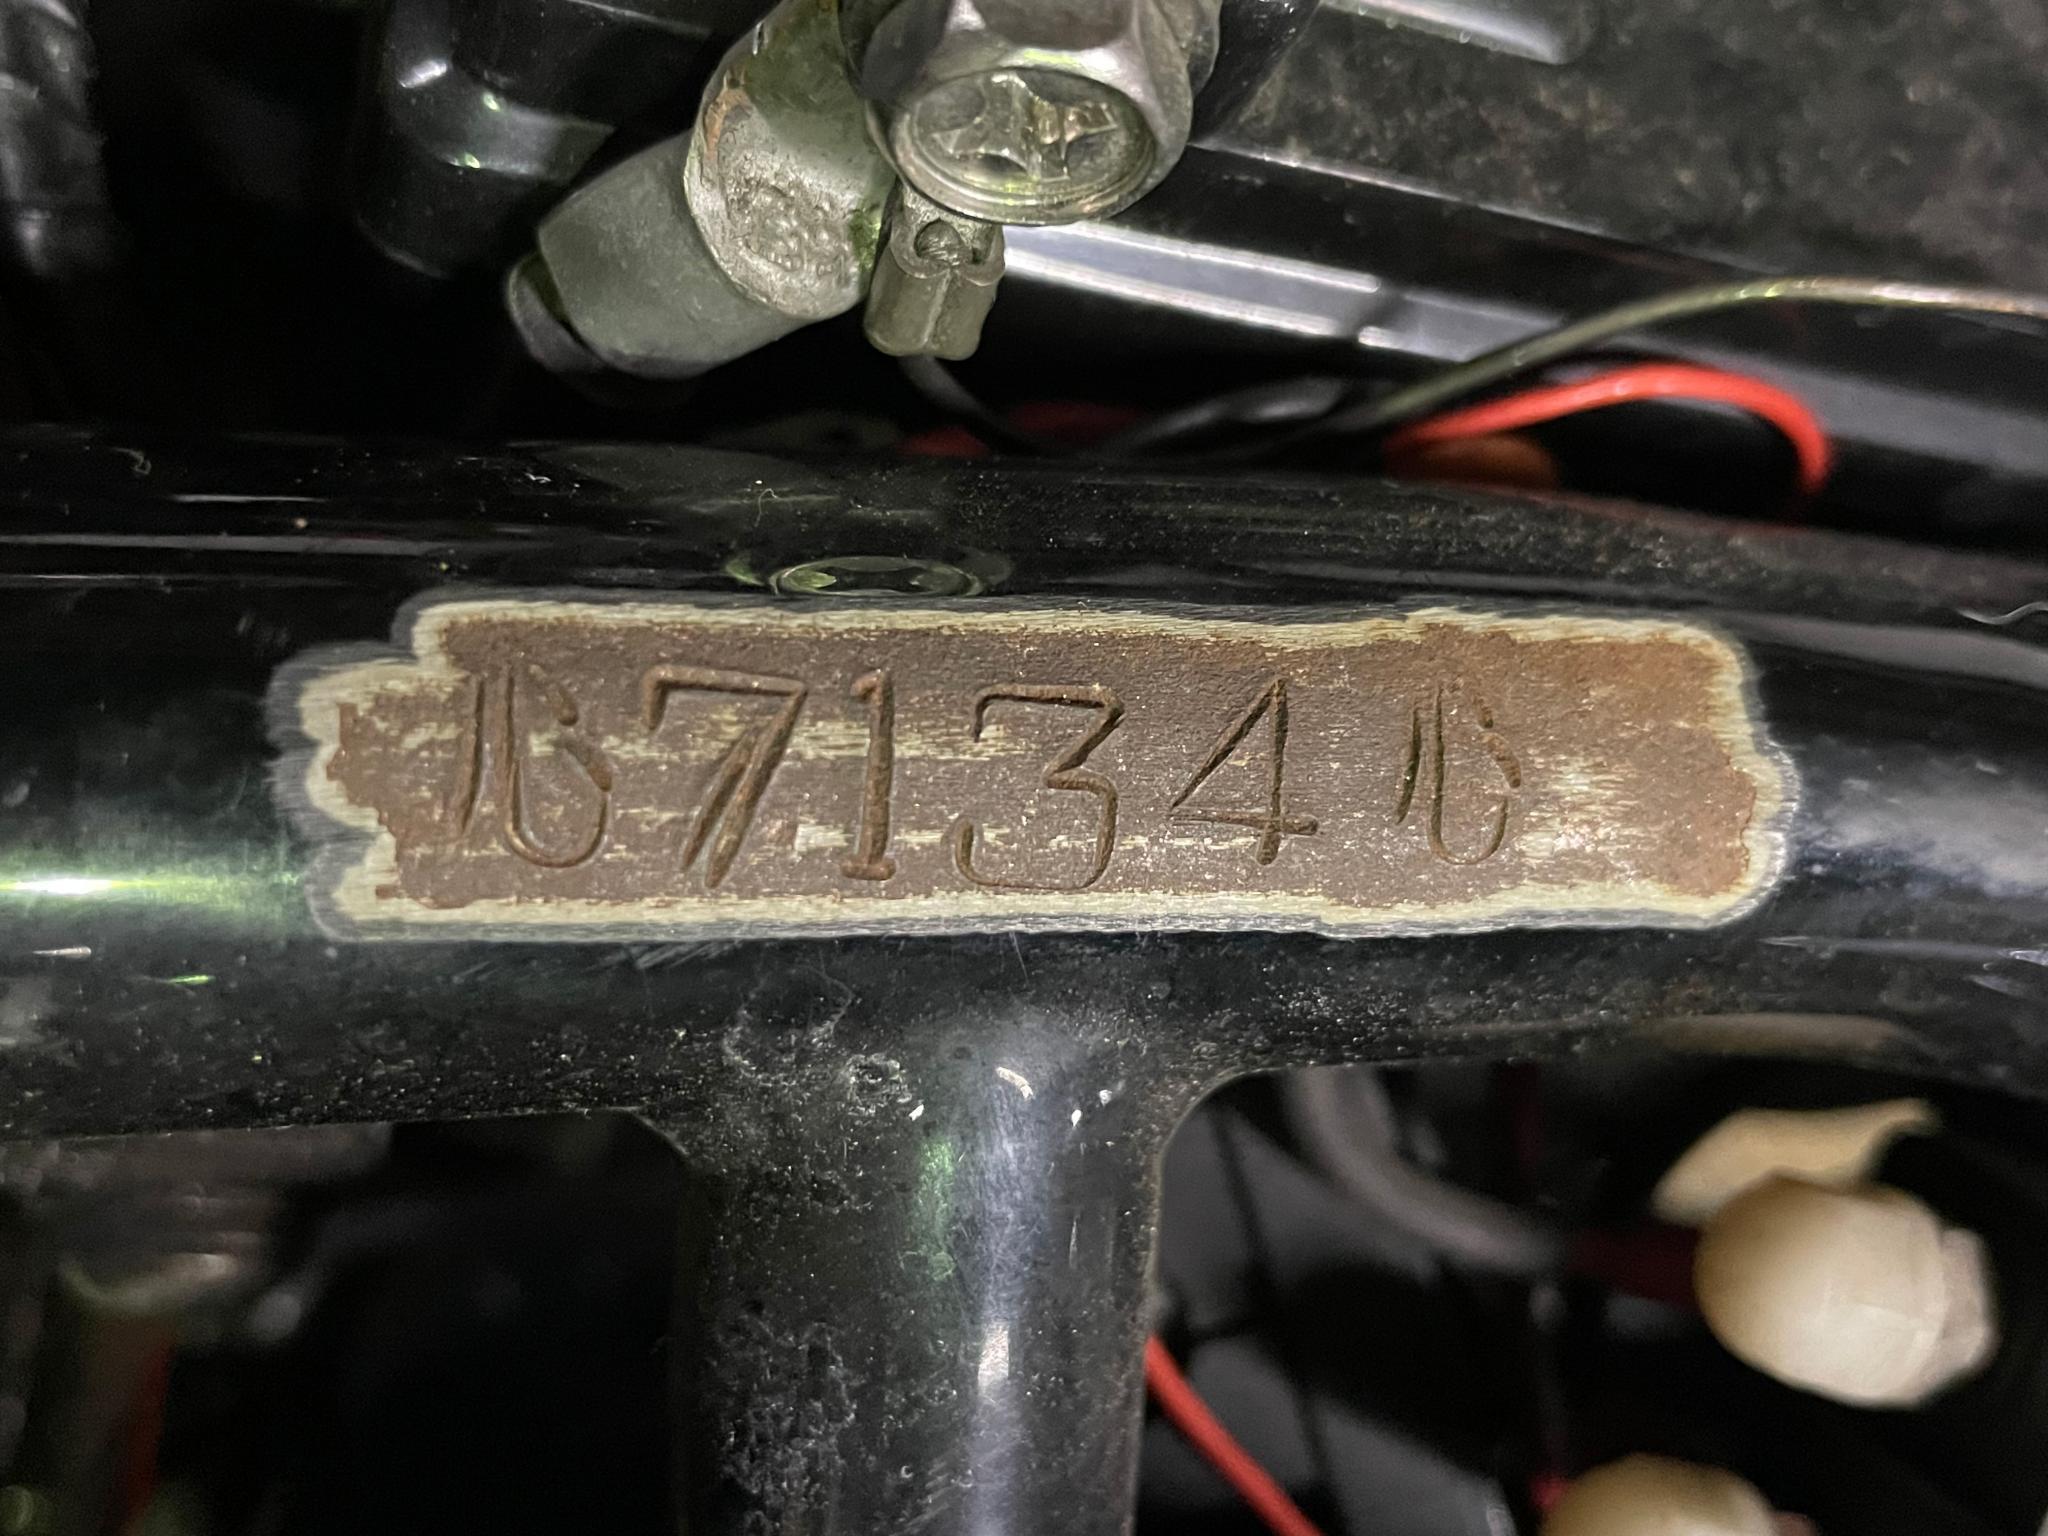 ハーレーダビッドソン 1980 Rigid Shovel 車体写真11